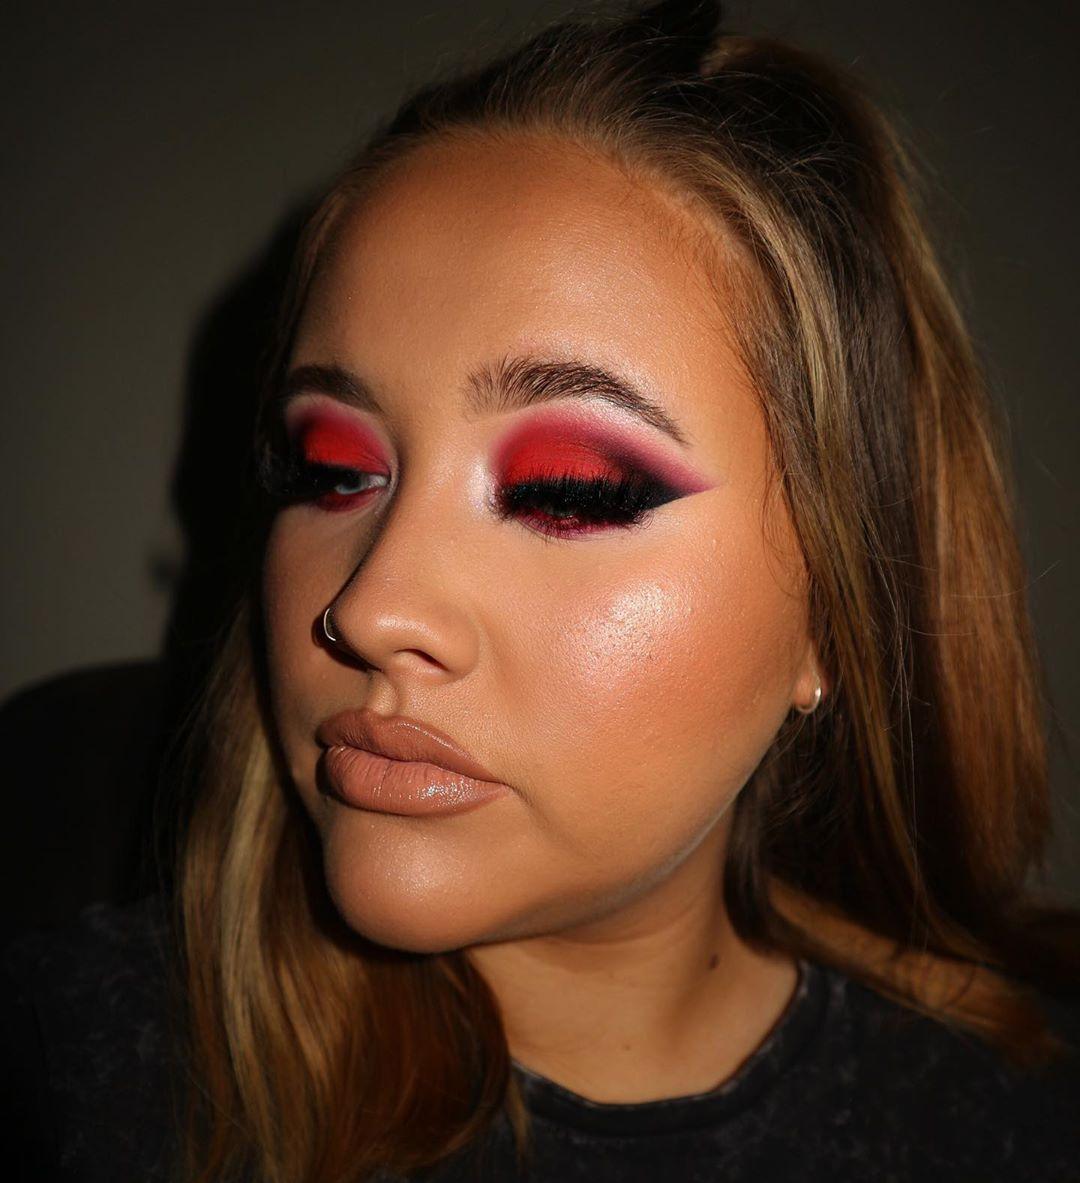 maquiagem com sombra vermelha 15